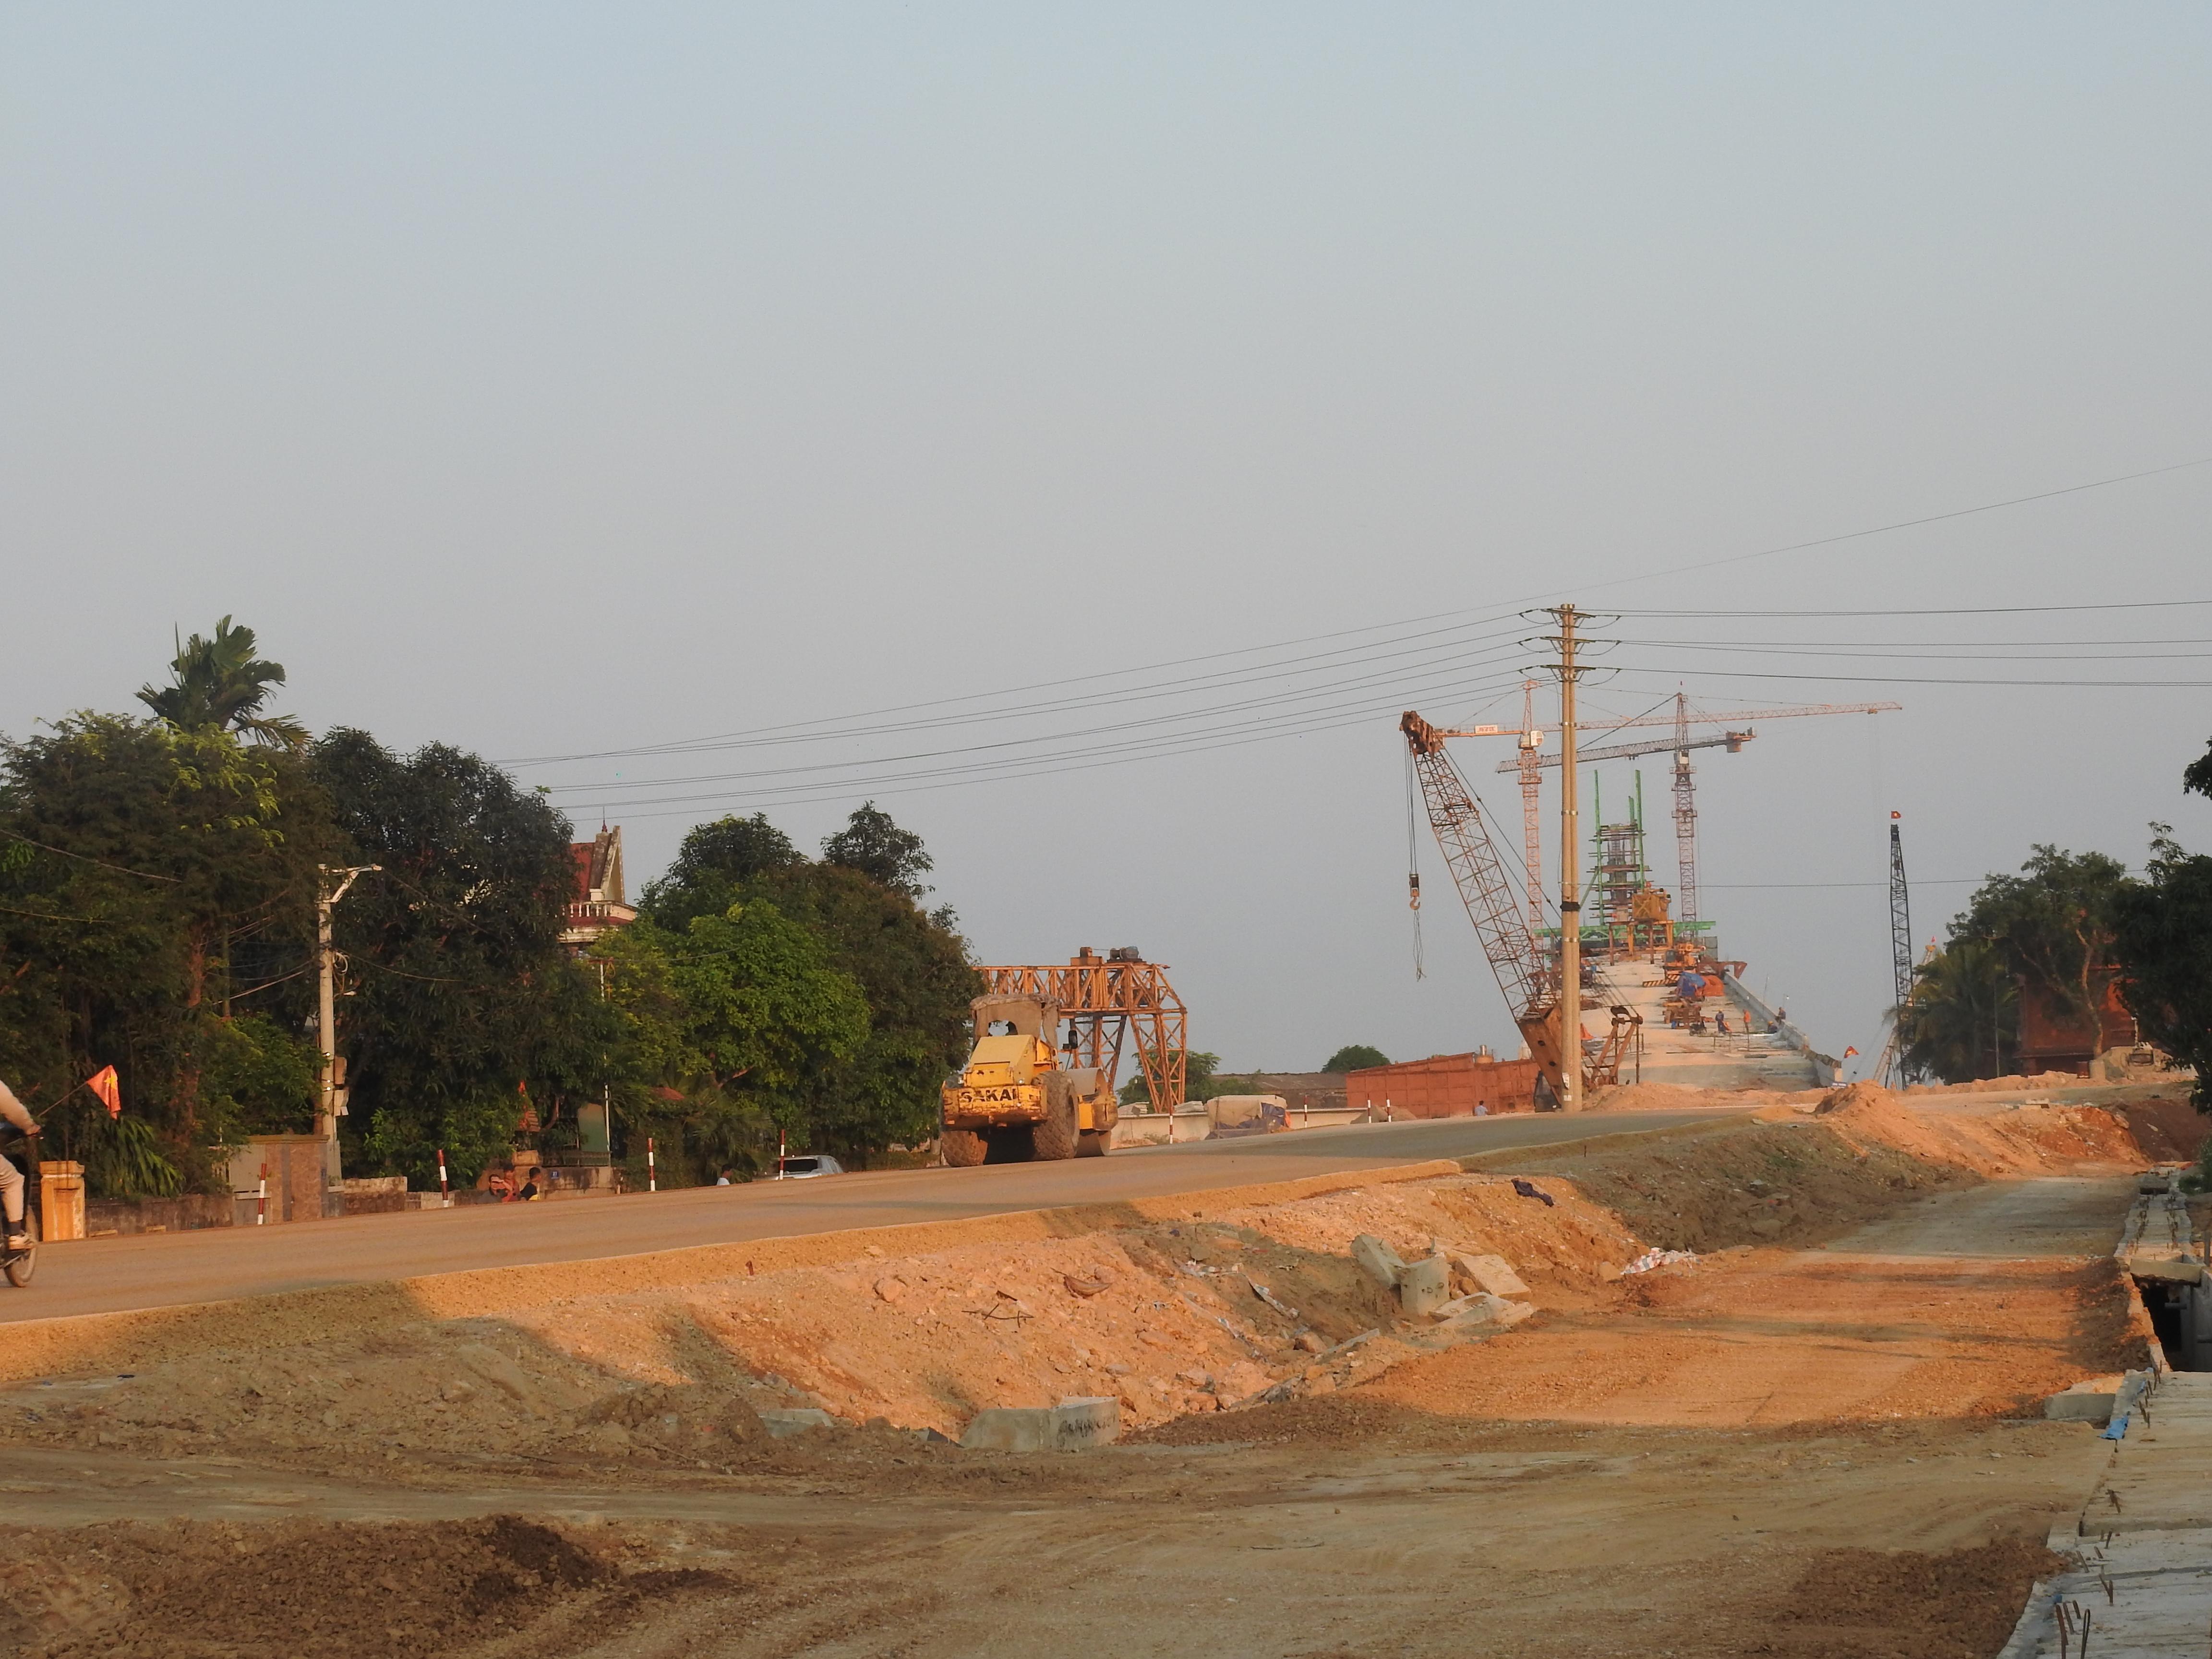 Cận cảnh cầu Cửa Hội nối hai tỉnh Nghệ An - Hà Tĩnh, tổng mức đầu tư 950 tỉ đồng, dự kiến thông xe tháng 8/2020 - Ảnh 4.